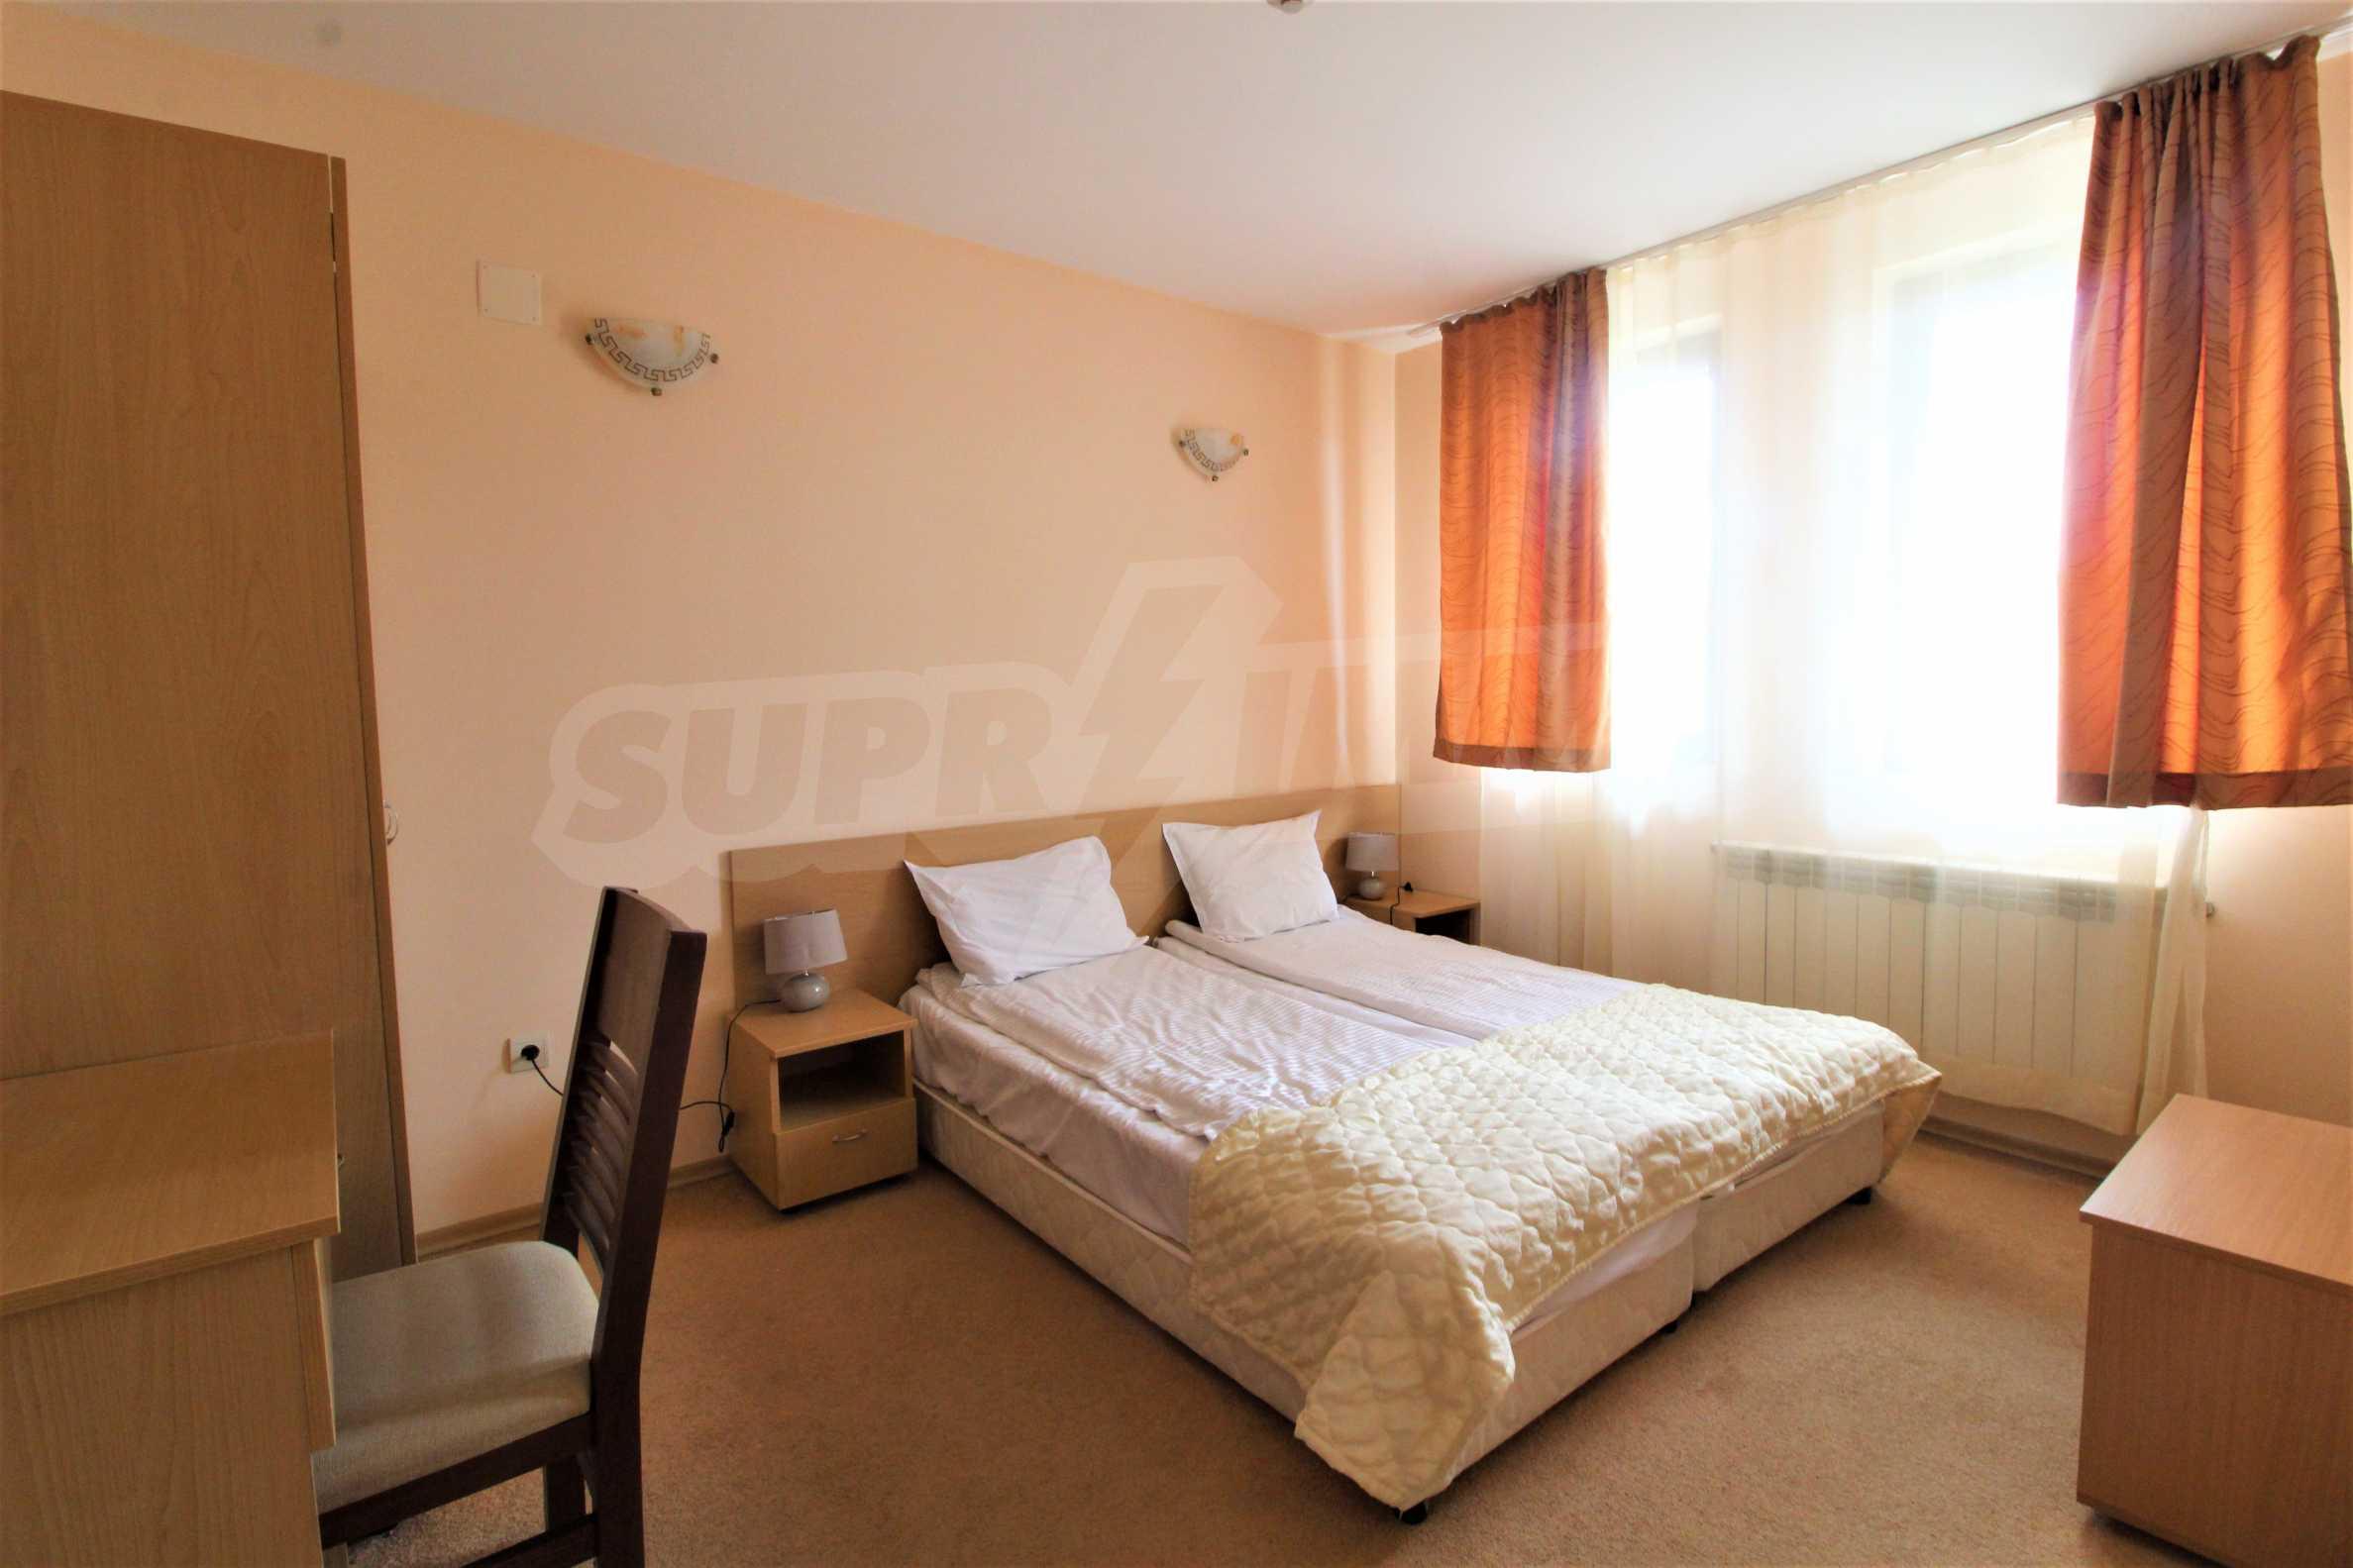 Двустаен апартамент в близост до ски лифта в Банско 1